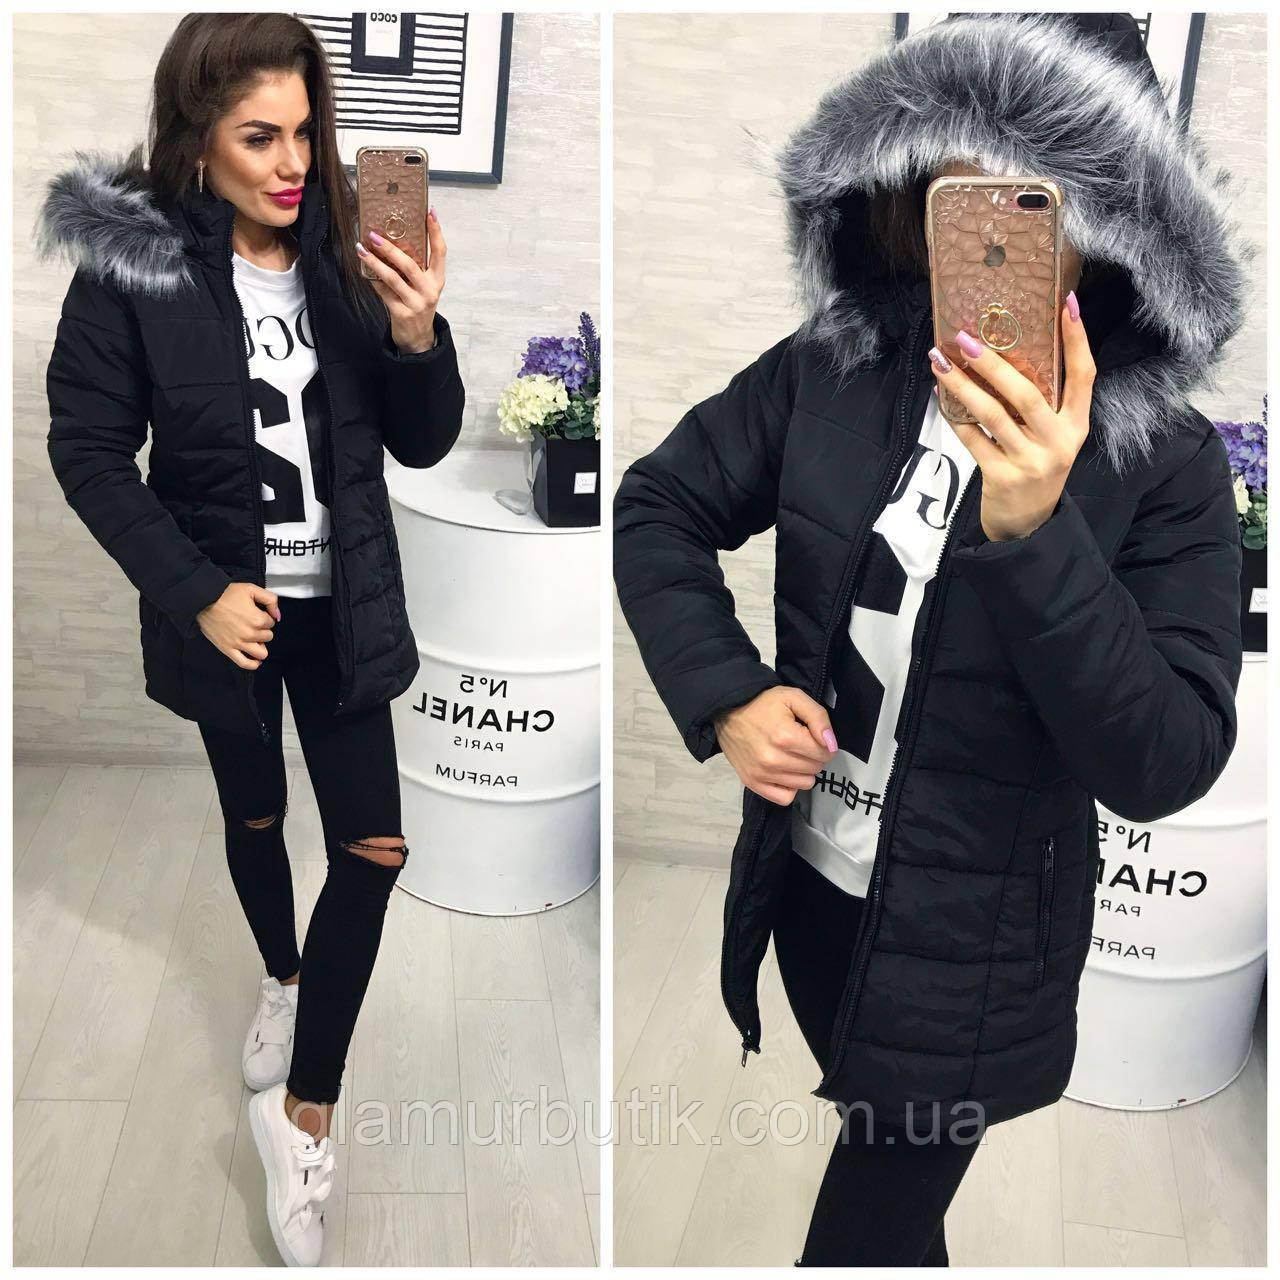 Акция! Тёплая женская длинная куртка пуховик Memory со съёмным капюшоном и  мехом чёрная, фото 1 -20% Скидка Осталось 2 дня 6f6fccd6101